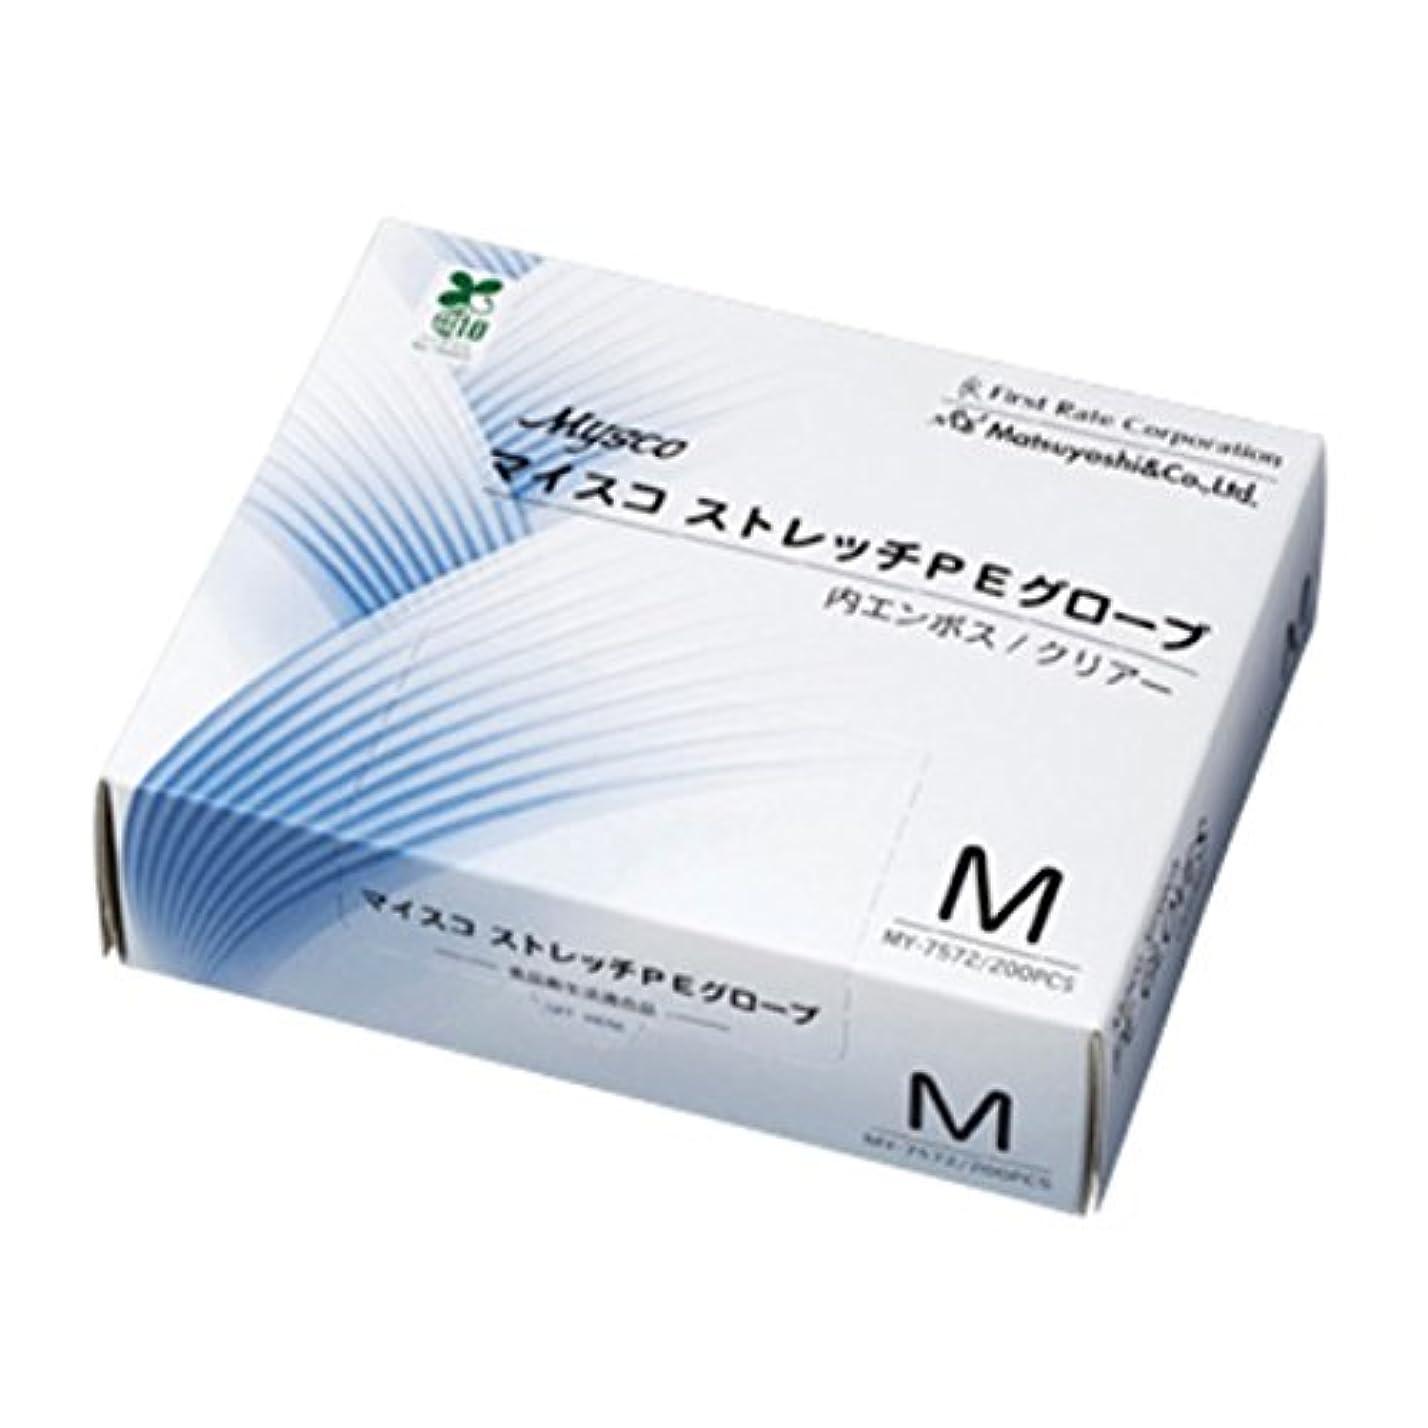 熱心見えない隔離【ケース販売】マイスコ ストレッチPEグローブ M 200枚入×40箱